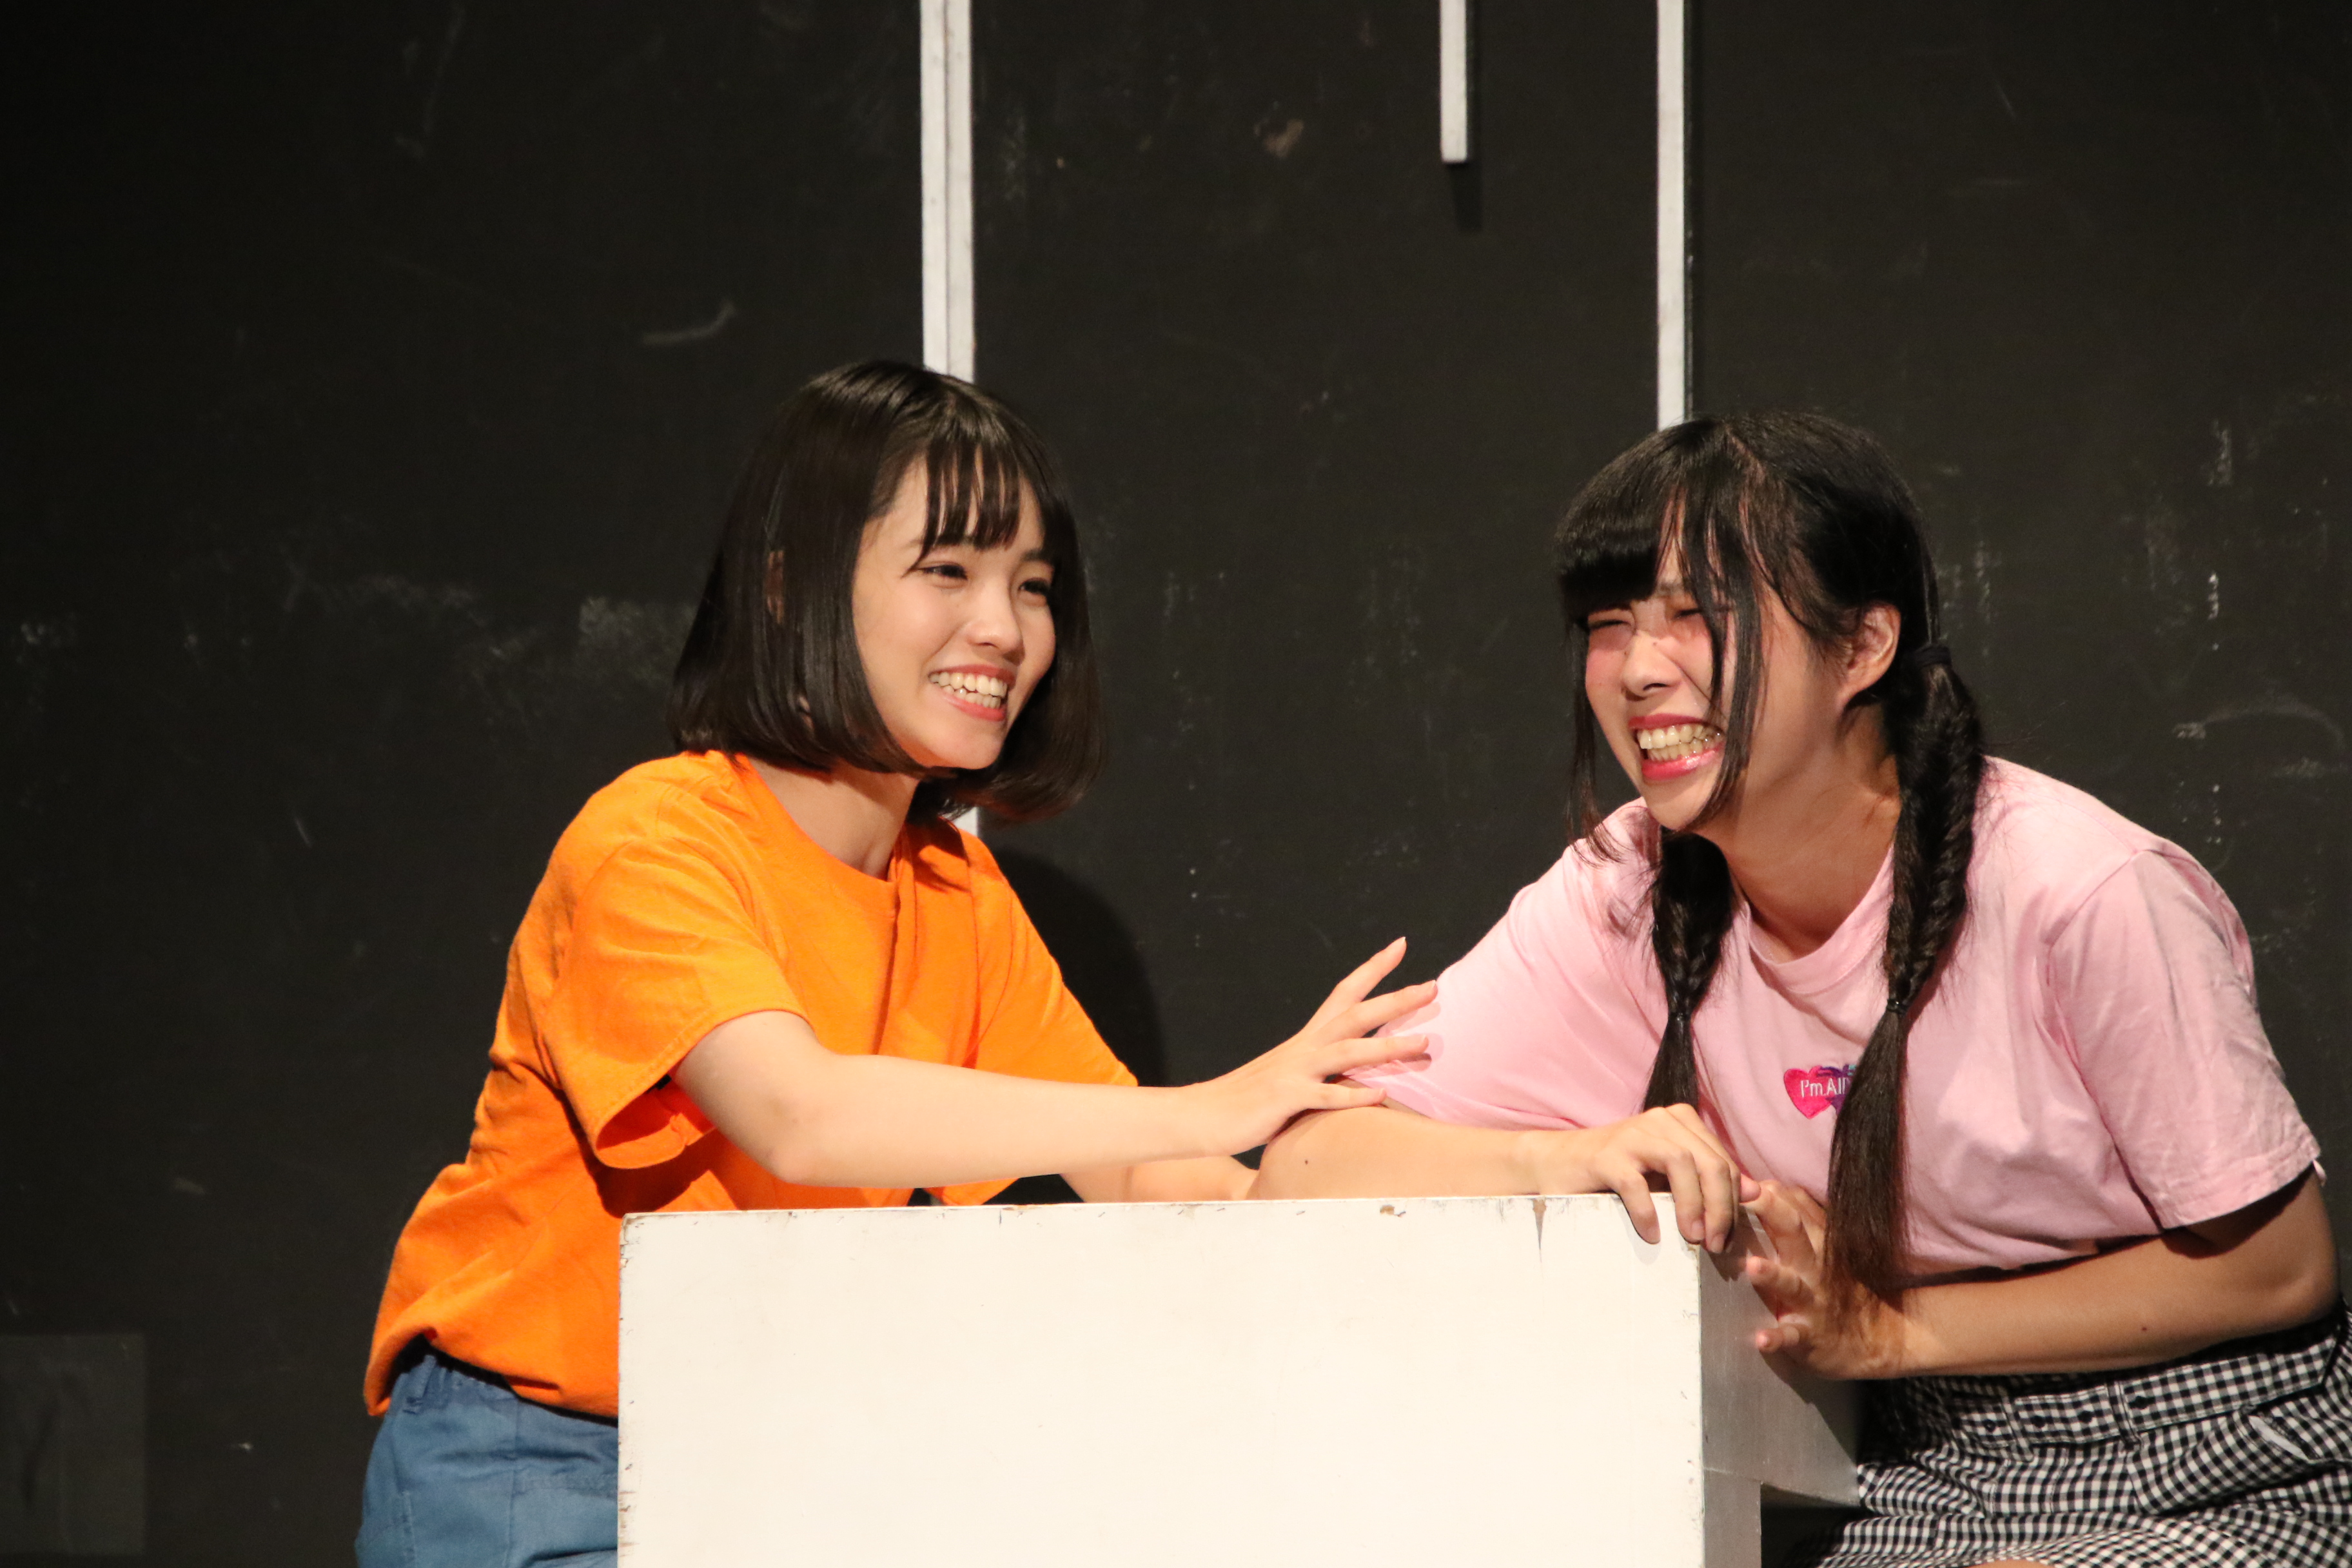 舞台「ダンスレボリュ―ション~ホントのワタシ~」で山川いろは役を演じる高橋彩音(左)